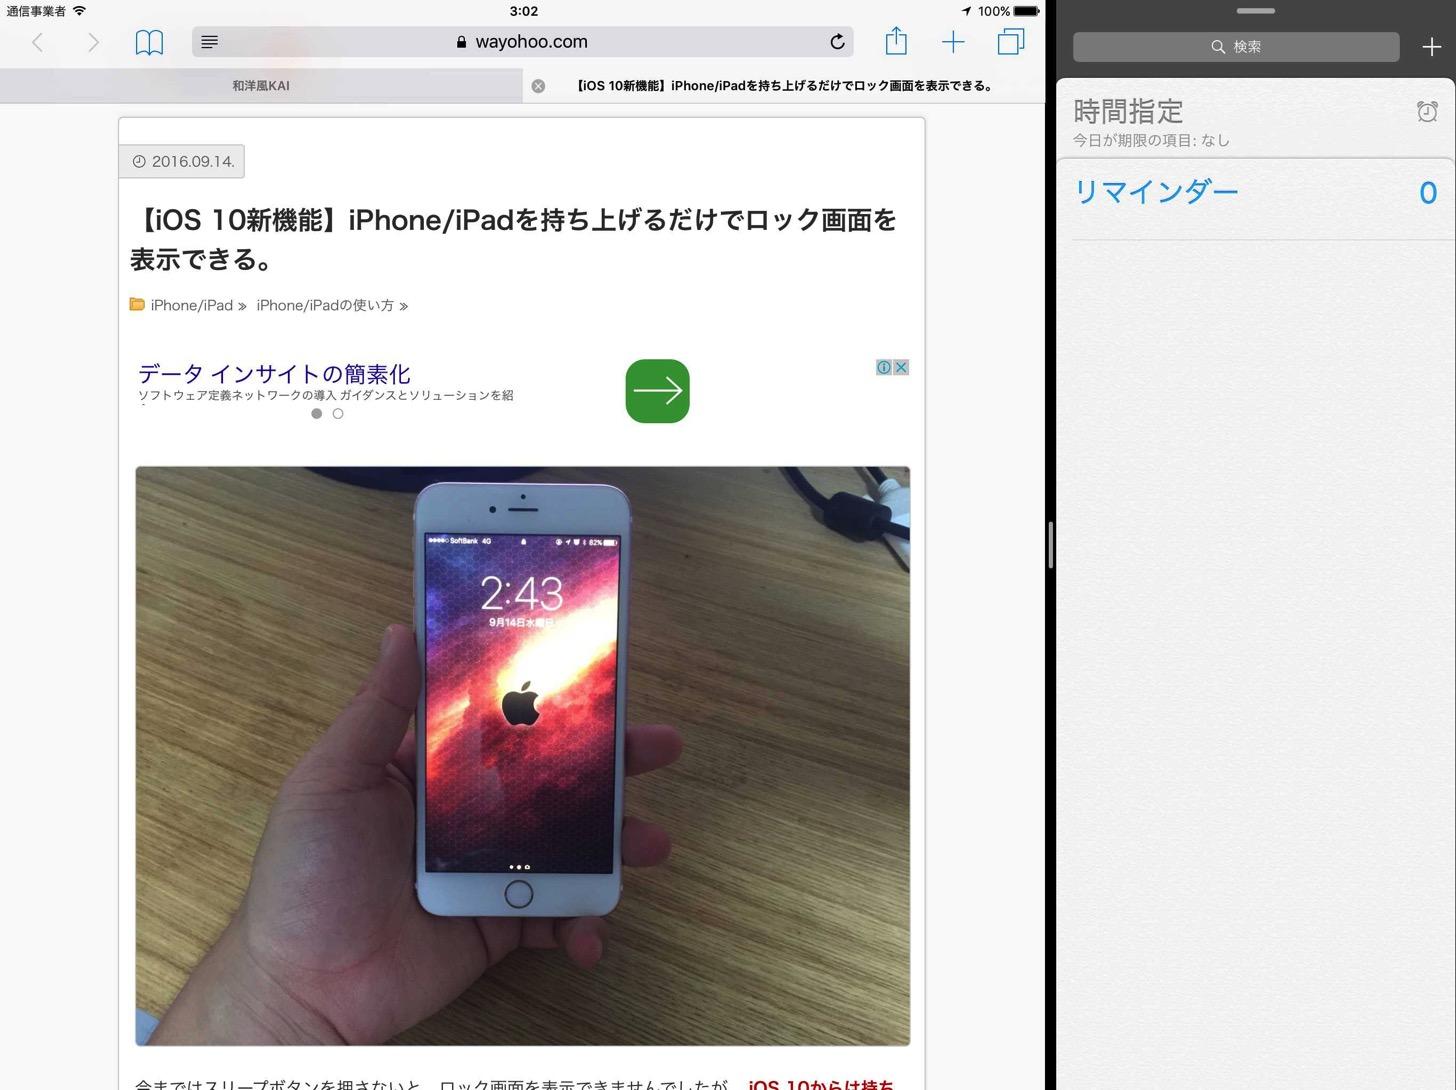 Safari Split View中はさらに新しいアプリを表示できない。右側のSafariのタブが左側に統合される。